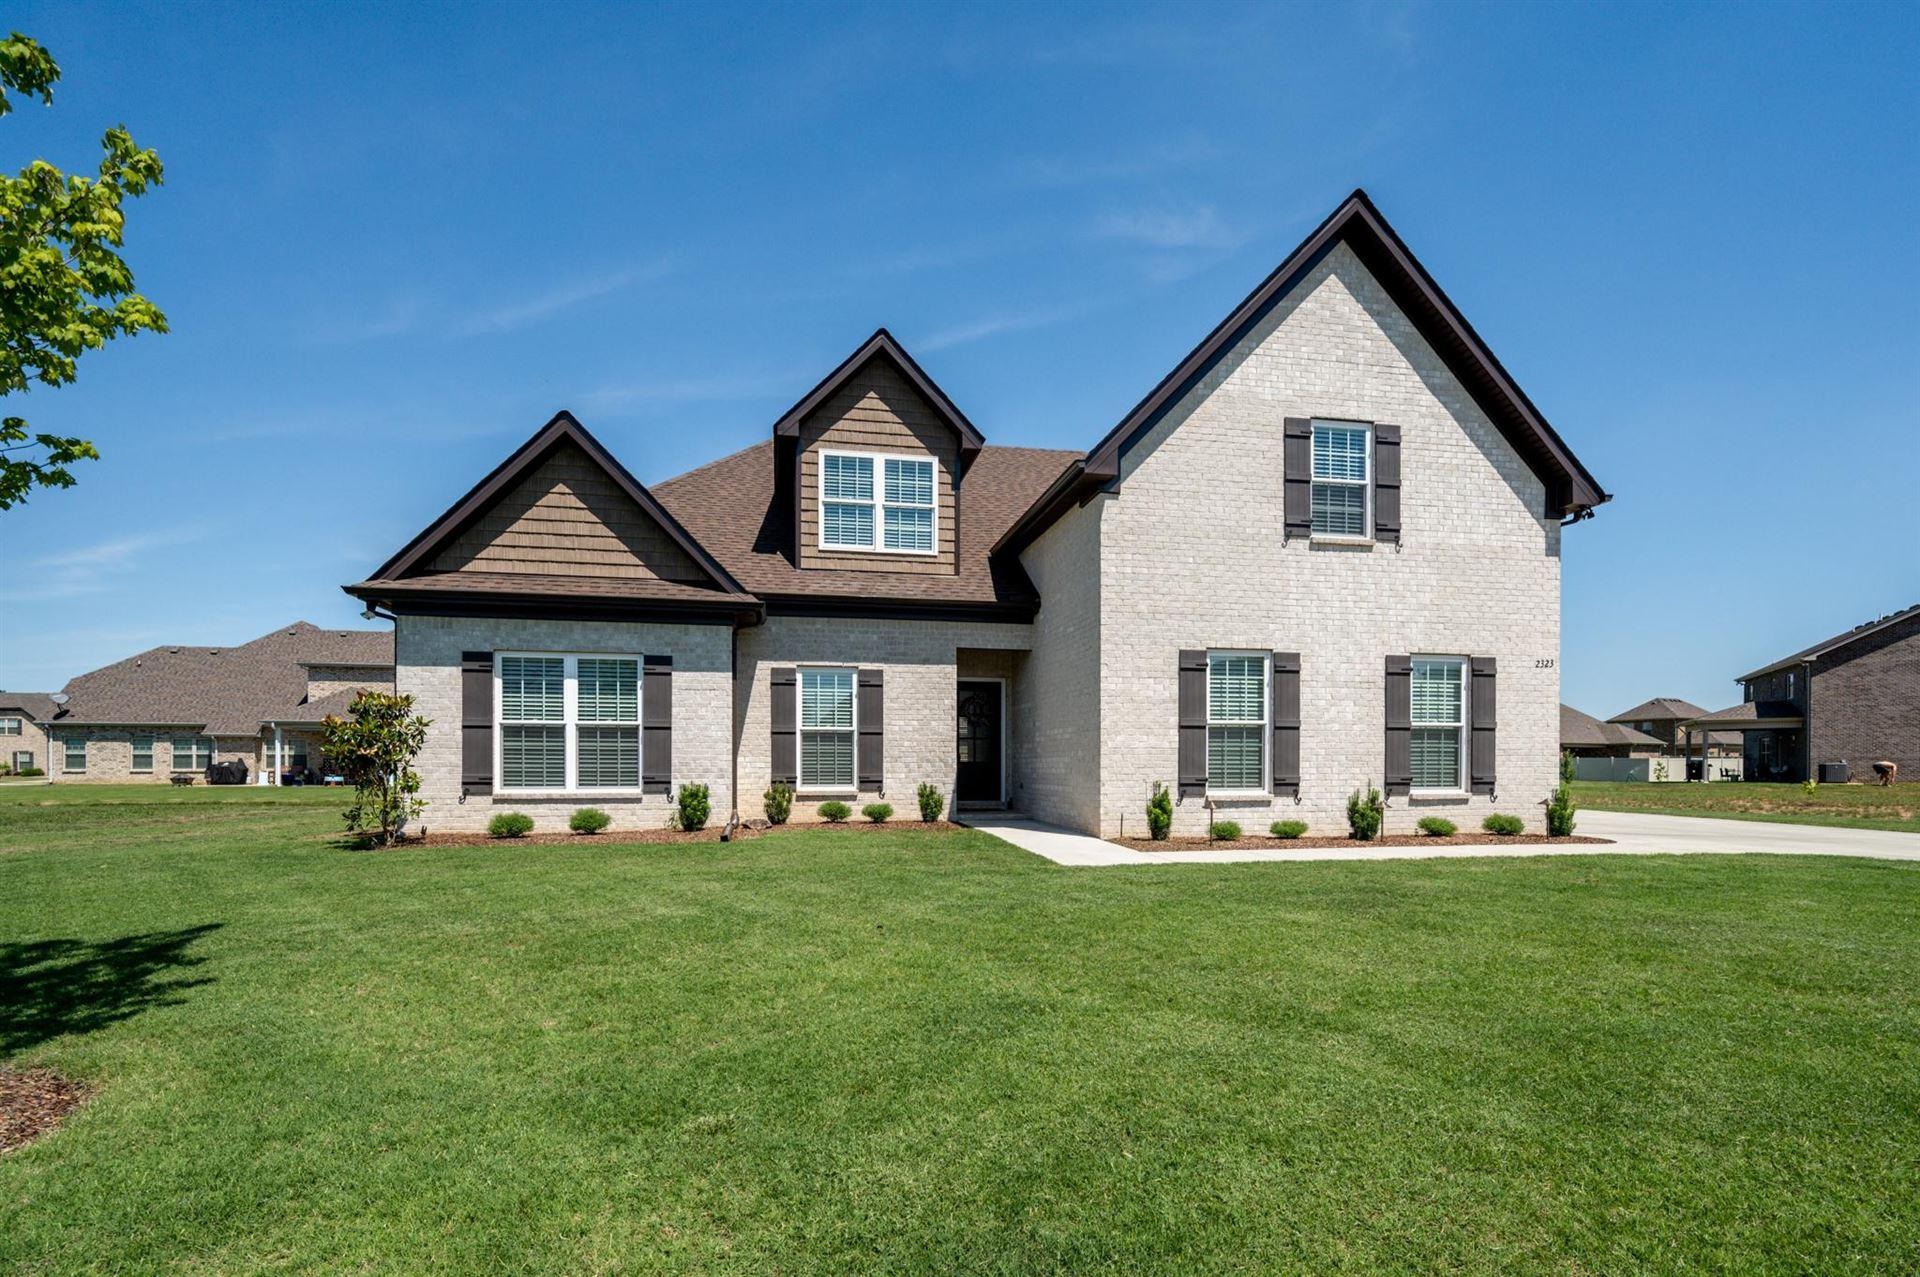 2323 Tredwell Ave, Murfreesboro, TN 37128 - MLS#: 2264160